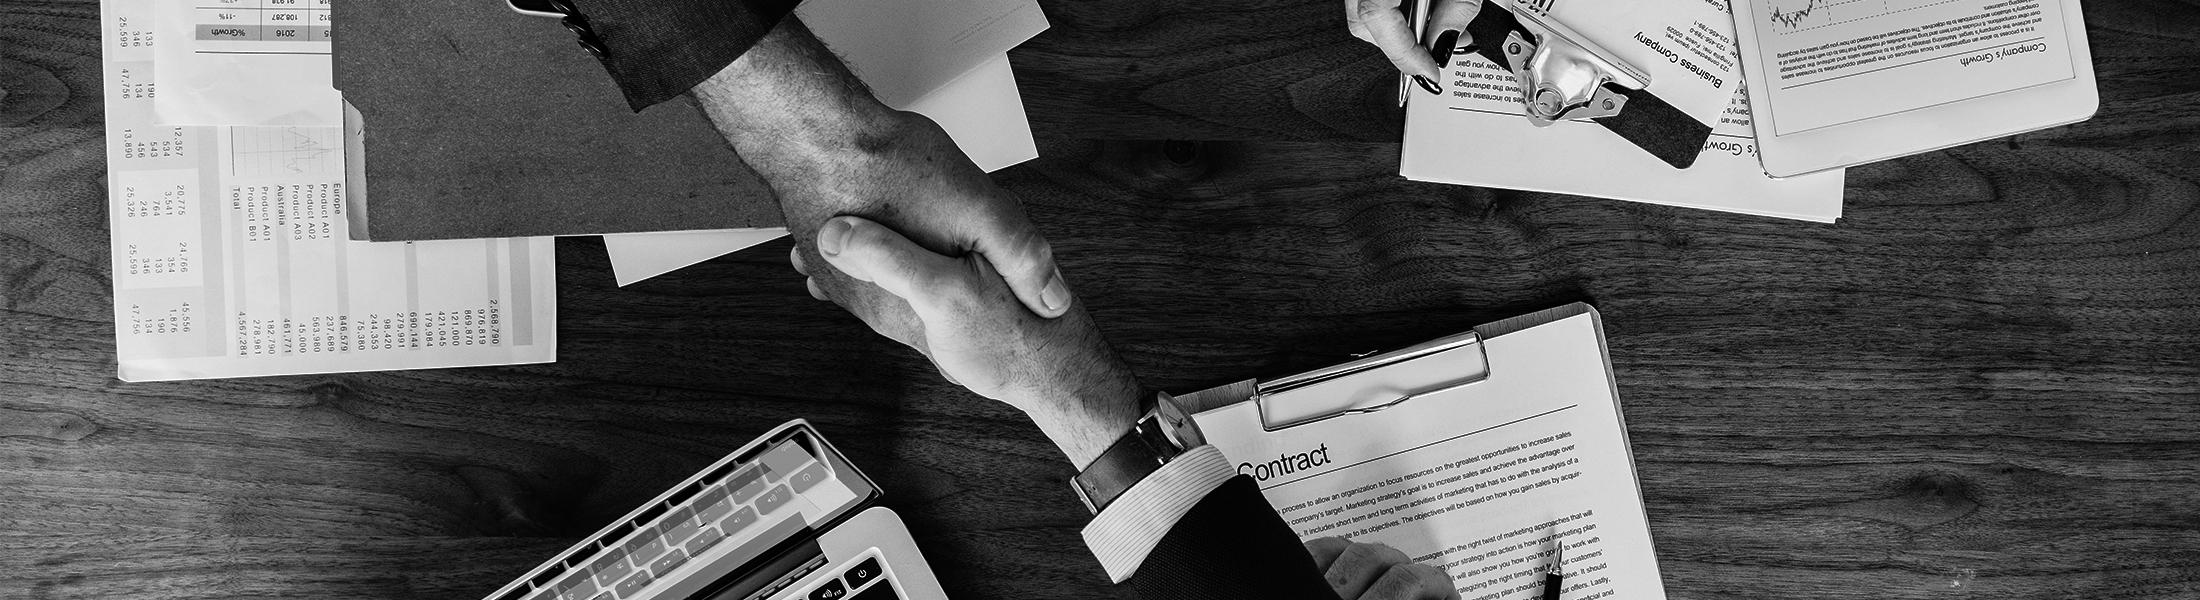 Syndilux - Comptabilité immobilière et consultance - Demander une offre